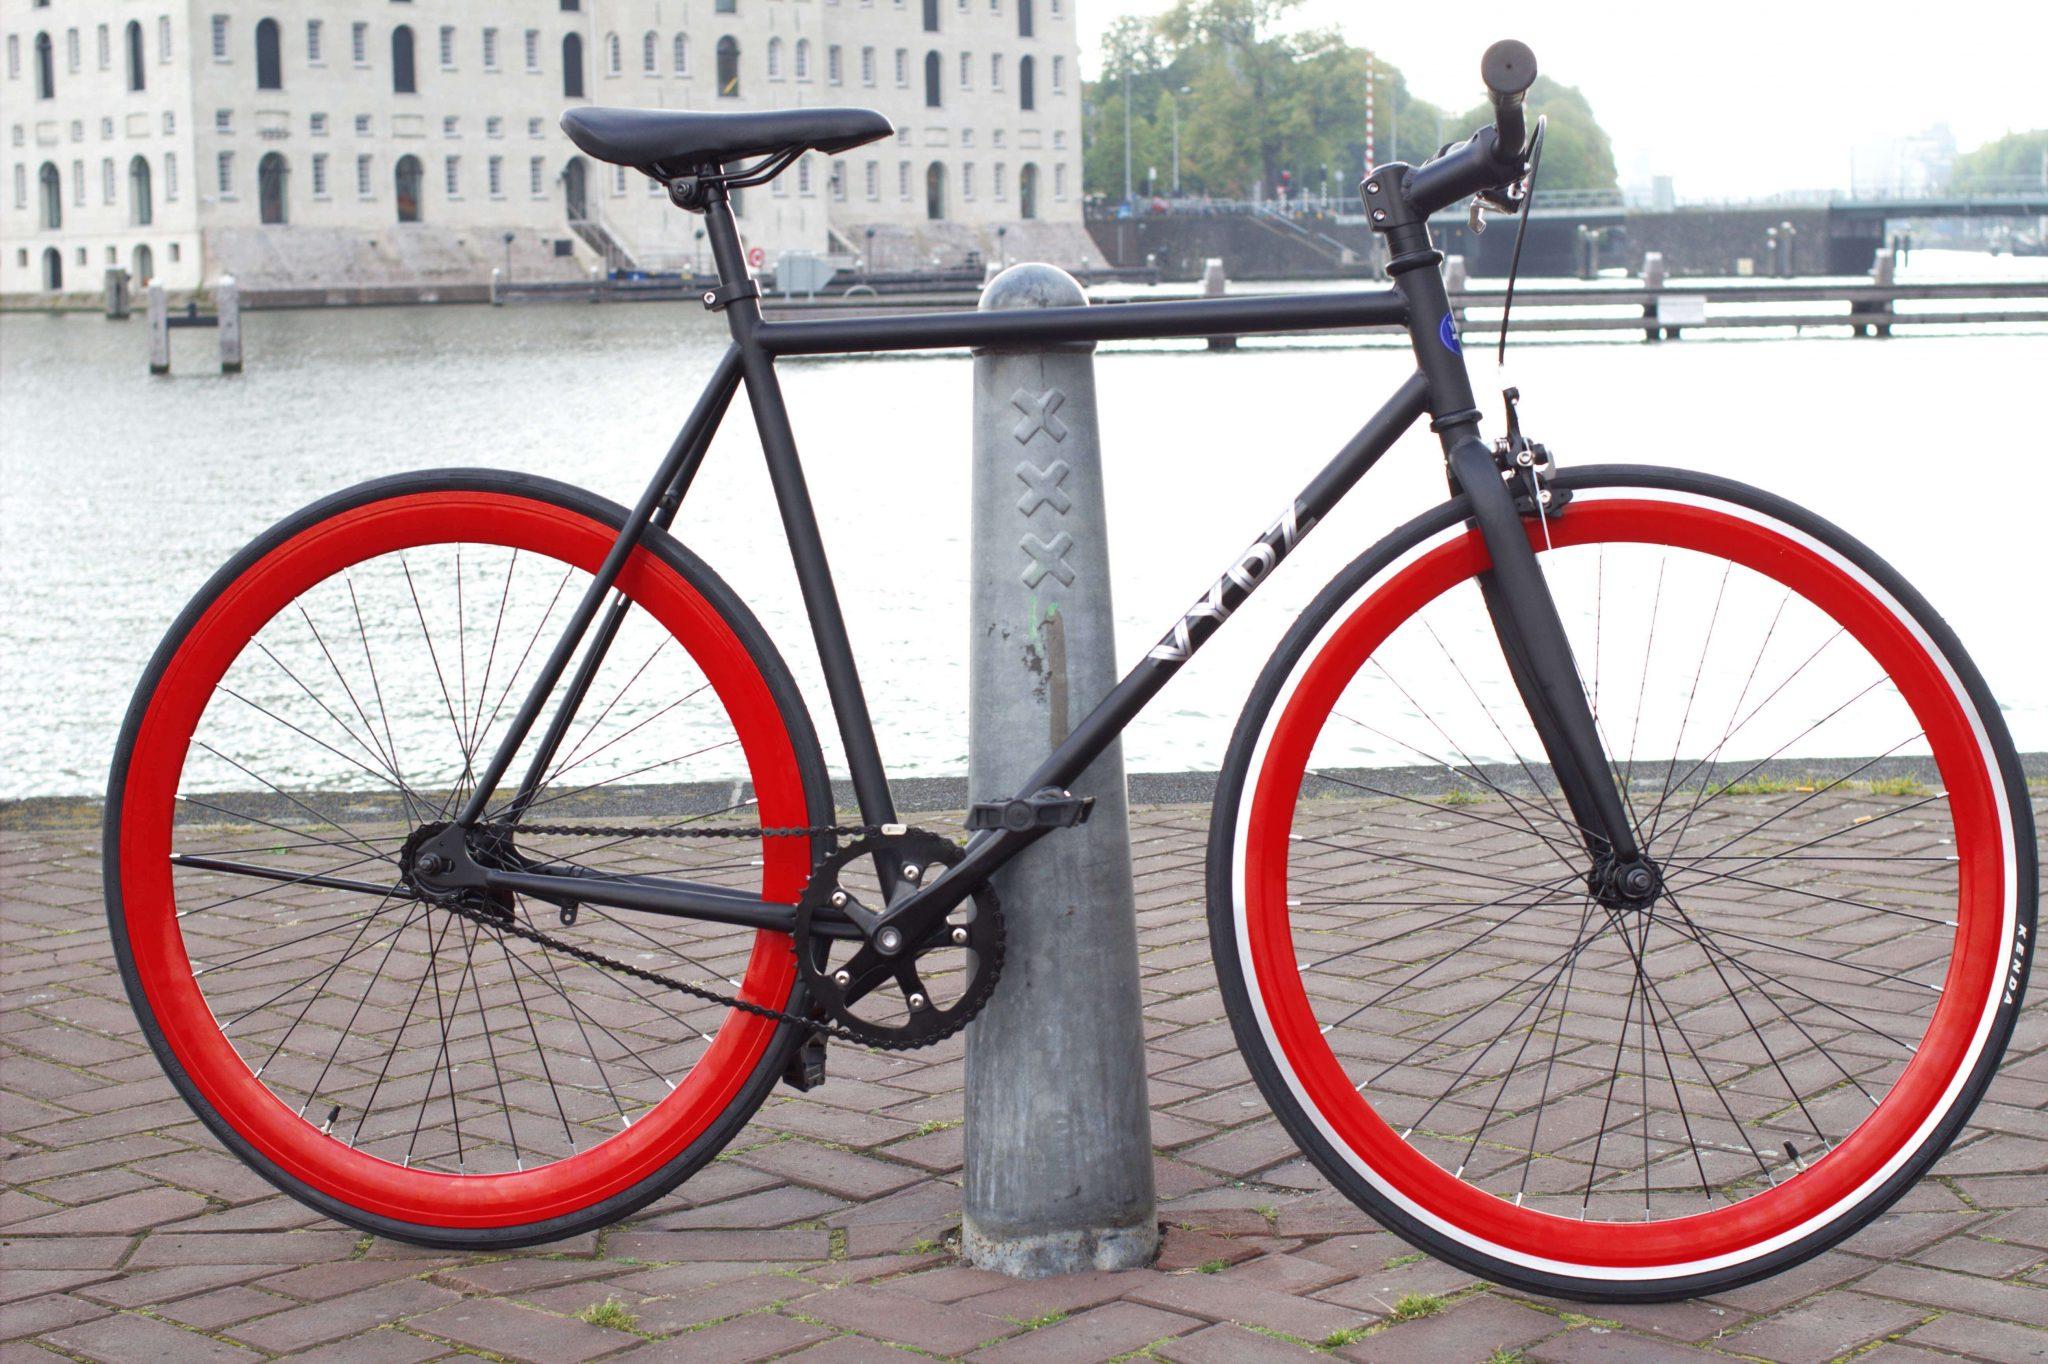 fixie bikes amsterdam, fiets kopen amsterdam, racefiets kopen amsterdam,